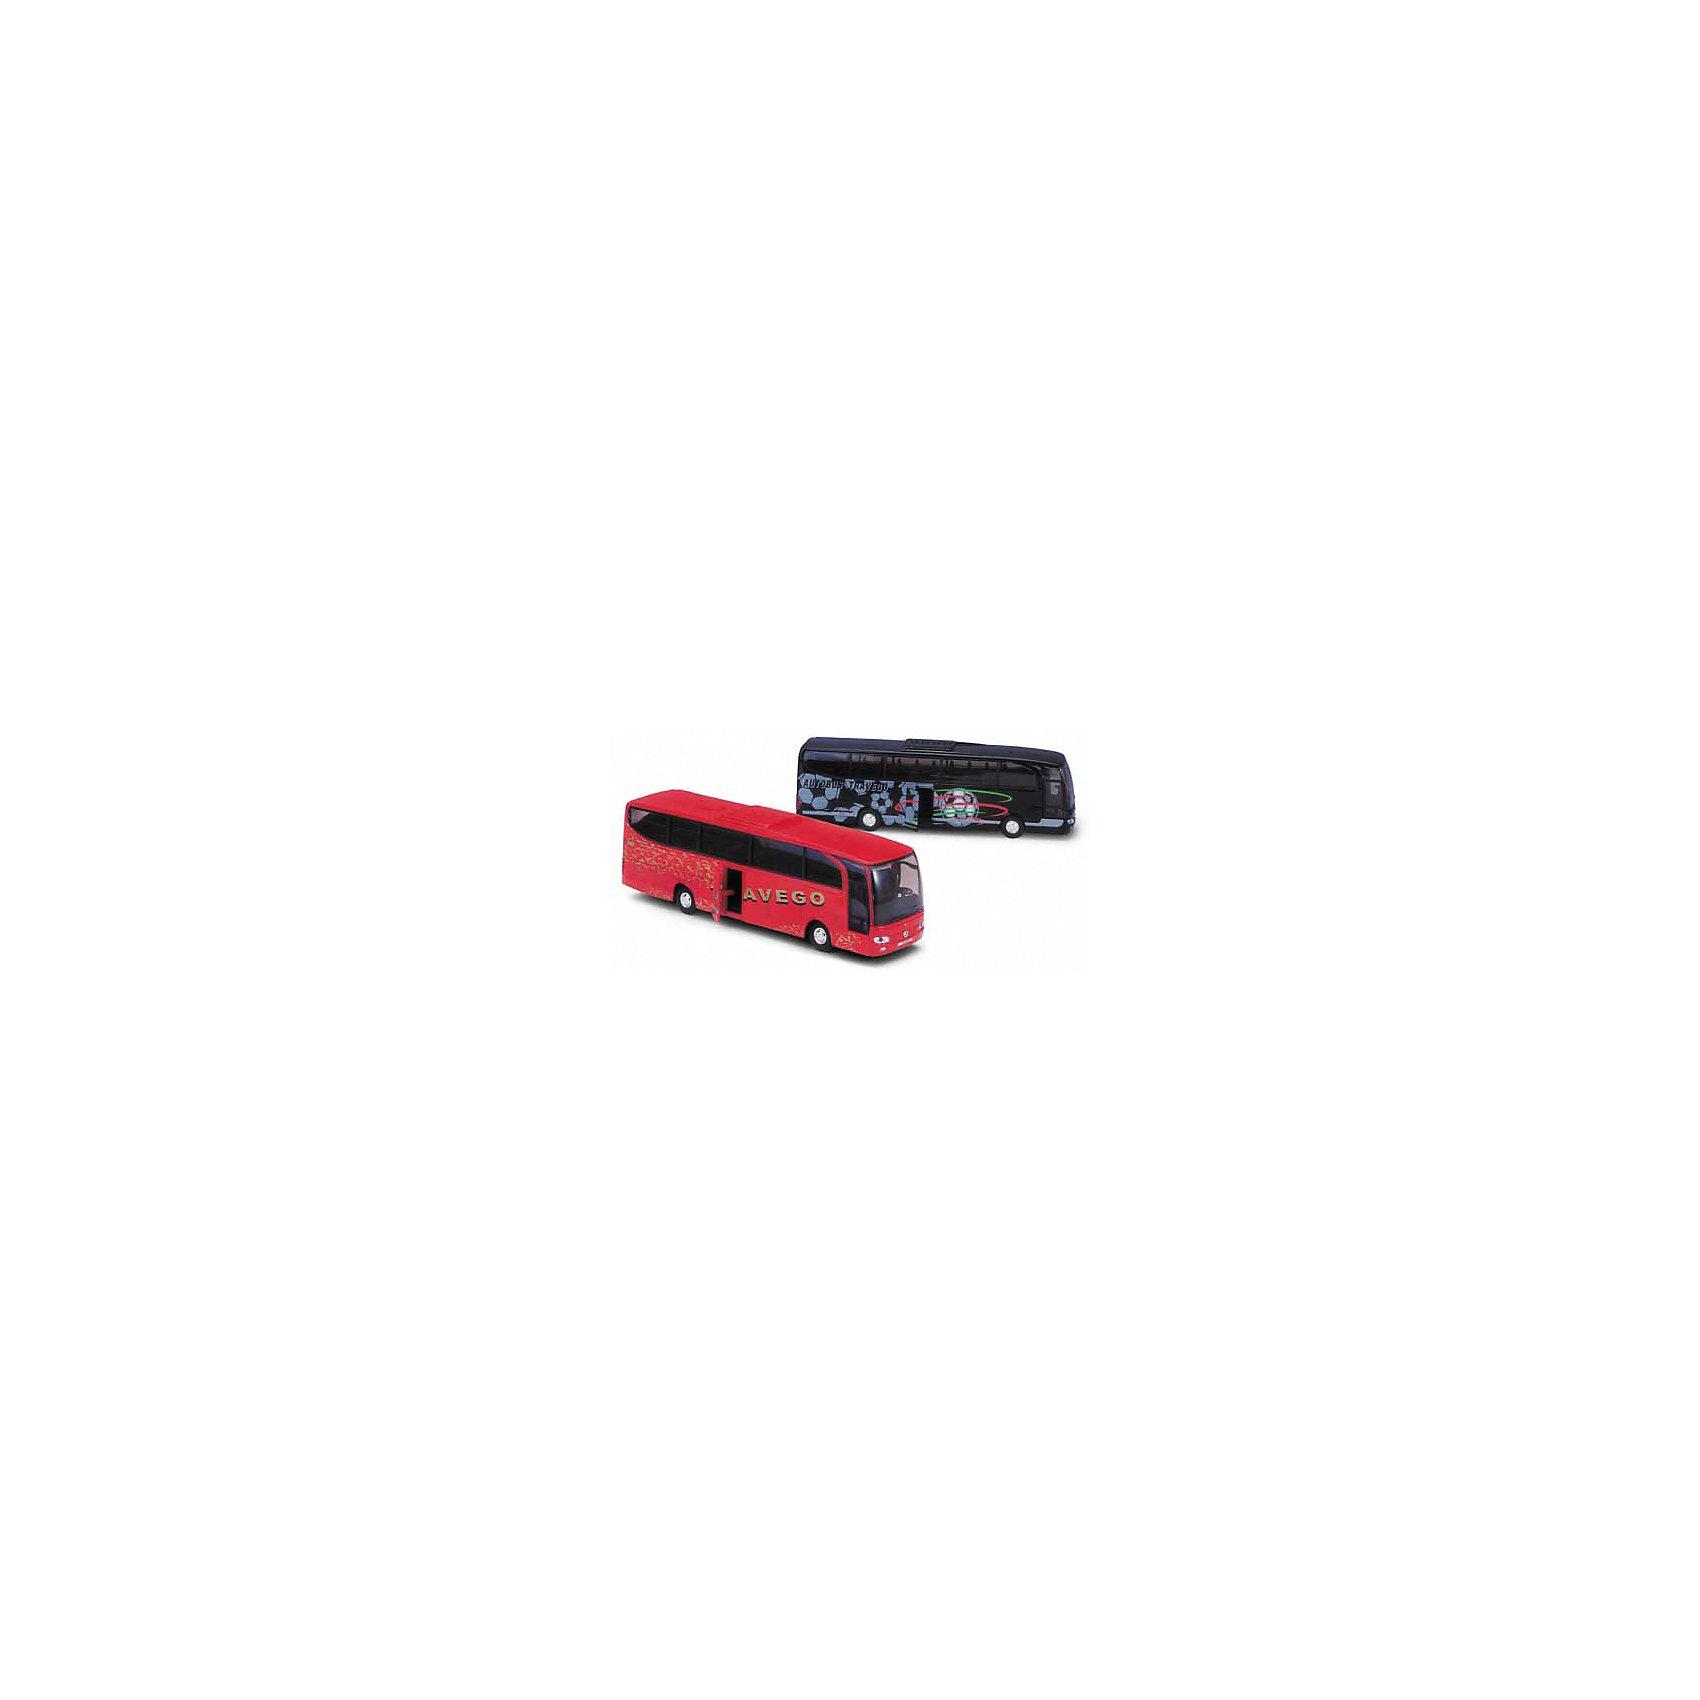 Модель автобуса Mercedes-Benz, красная, WellyМашинки<br>Характеристики:<br><br>• тип транспорта: автобус;<br>• модель автобуса: Mercedes-Benz;<br>• особенности автобуса: открываются двери;<br>• инерционный двигатель;<br>• материал: металл, пластик;<br>• размер упаковки: 23х5х8 см;<br>• вес: 300 г.<br><br>В гараже Welly новое транспортное средство – автобус Mercedes-Benz. Реалистичная модель туристического автобуса с открывающейся дверью позволяет разместить пассажиров и отправиться в путь. В процессе игры развивается фантазия, координация движения, двигательная активность. <br><br>Модель автобуса Mercedes-Benz, красная, Welly можно купить в нашем магазине.<br><br>Ширина мм: 50<br>Глубина мм: 80<br>Высота мм: 230<br>Вес г: 283<br>Возраст от месяцев: 36<br>Возраст до месяцев: 2147483647<br>Пол: Мужской<br>Возраст: Детский<br>SKU: 5255006